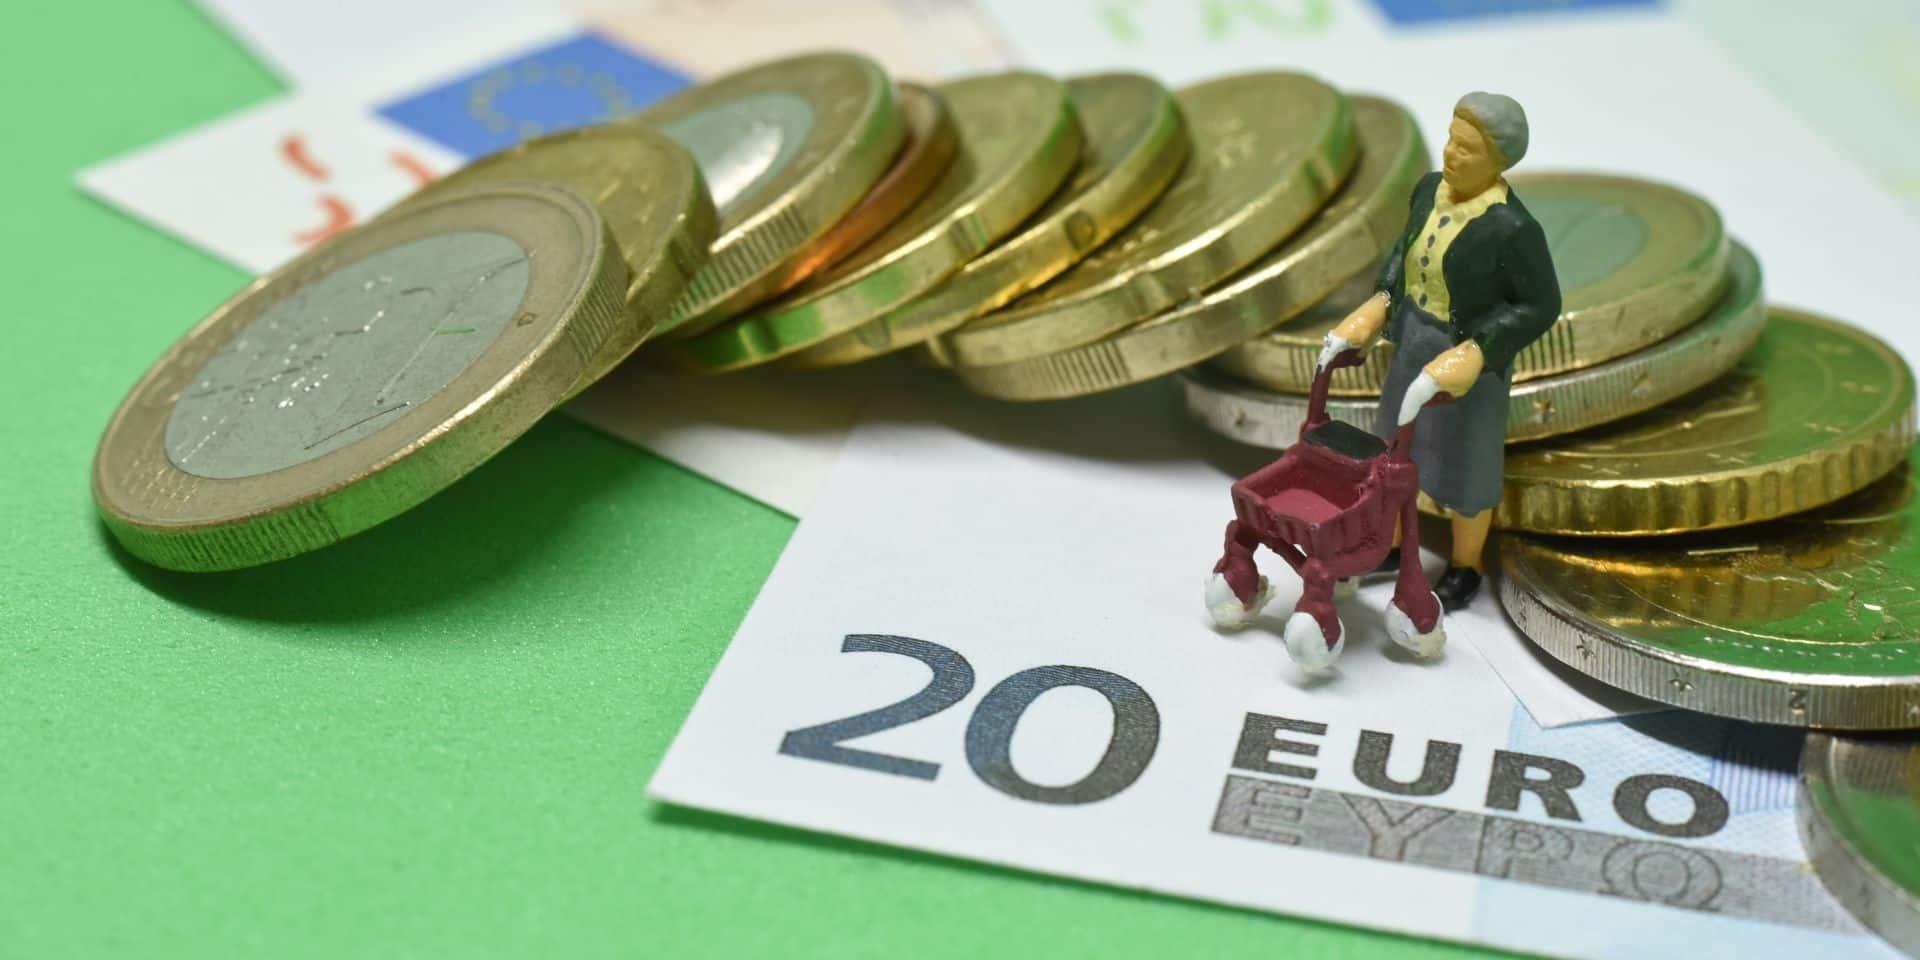 Epargne-pension : 5 milliards d'euros engloutis dans les frais